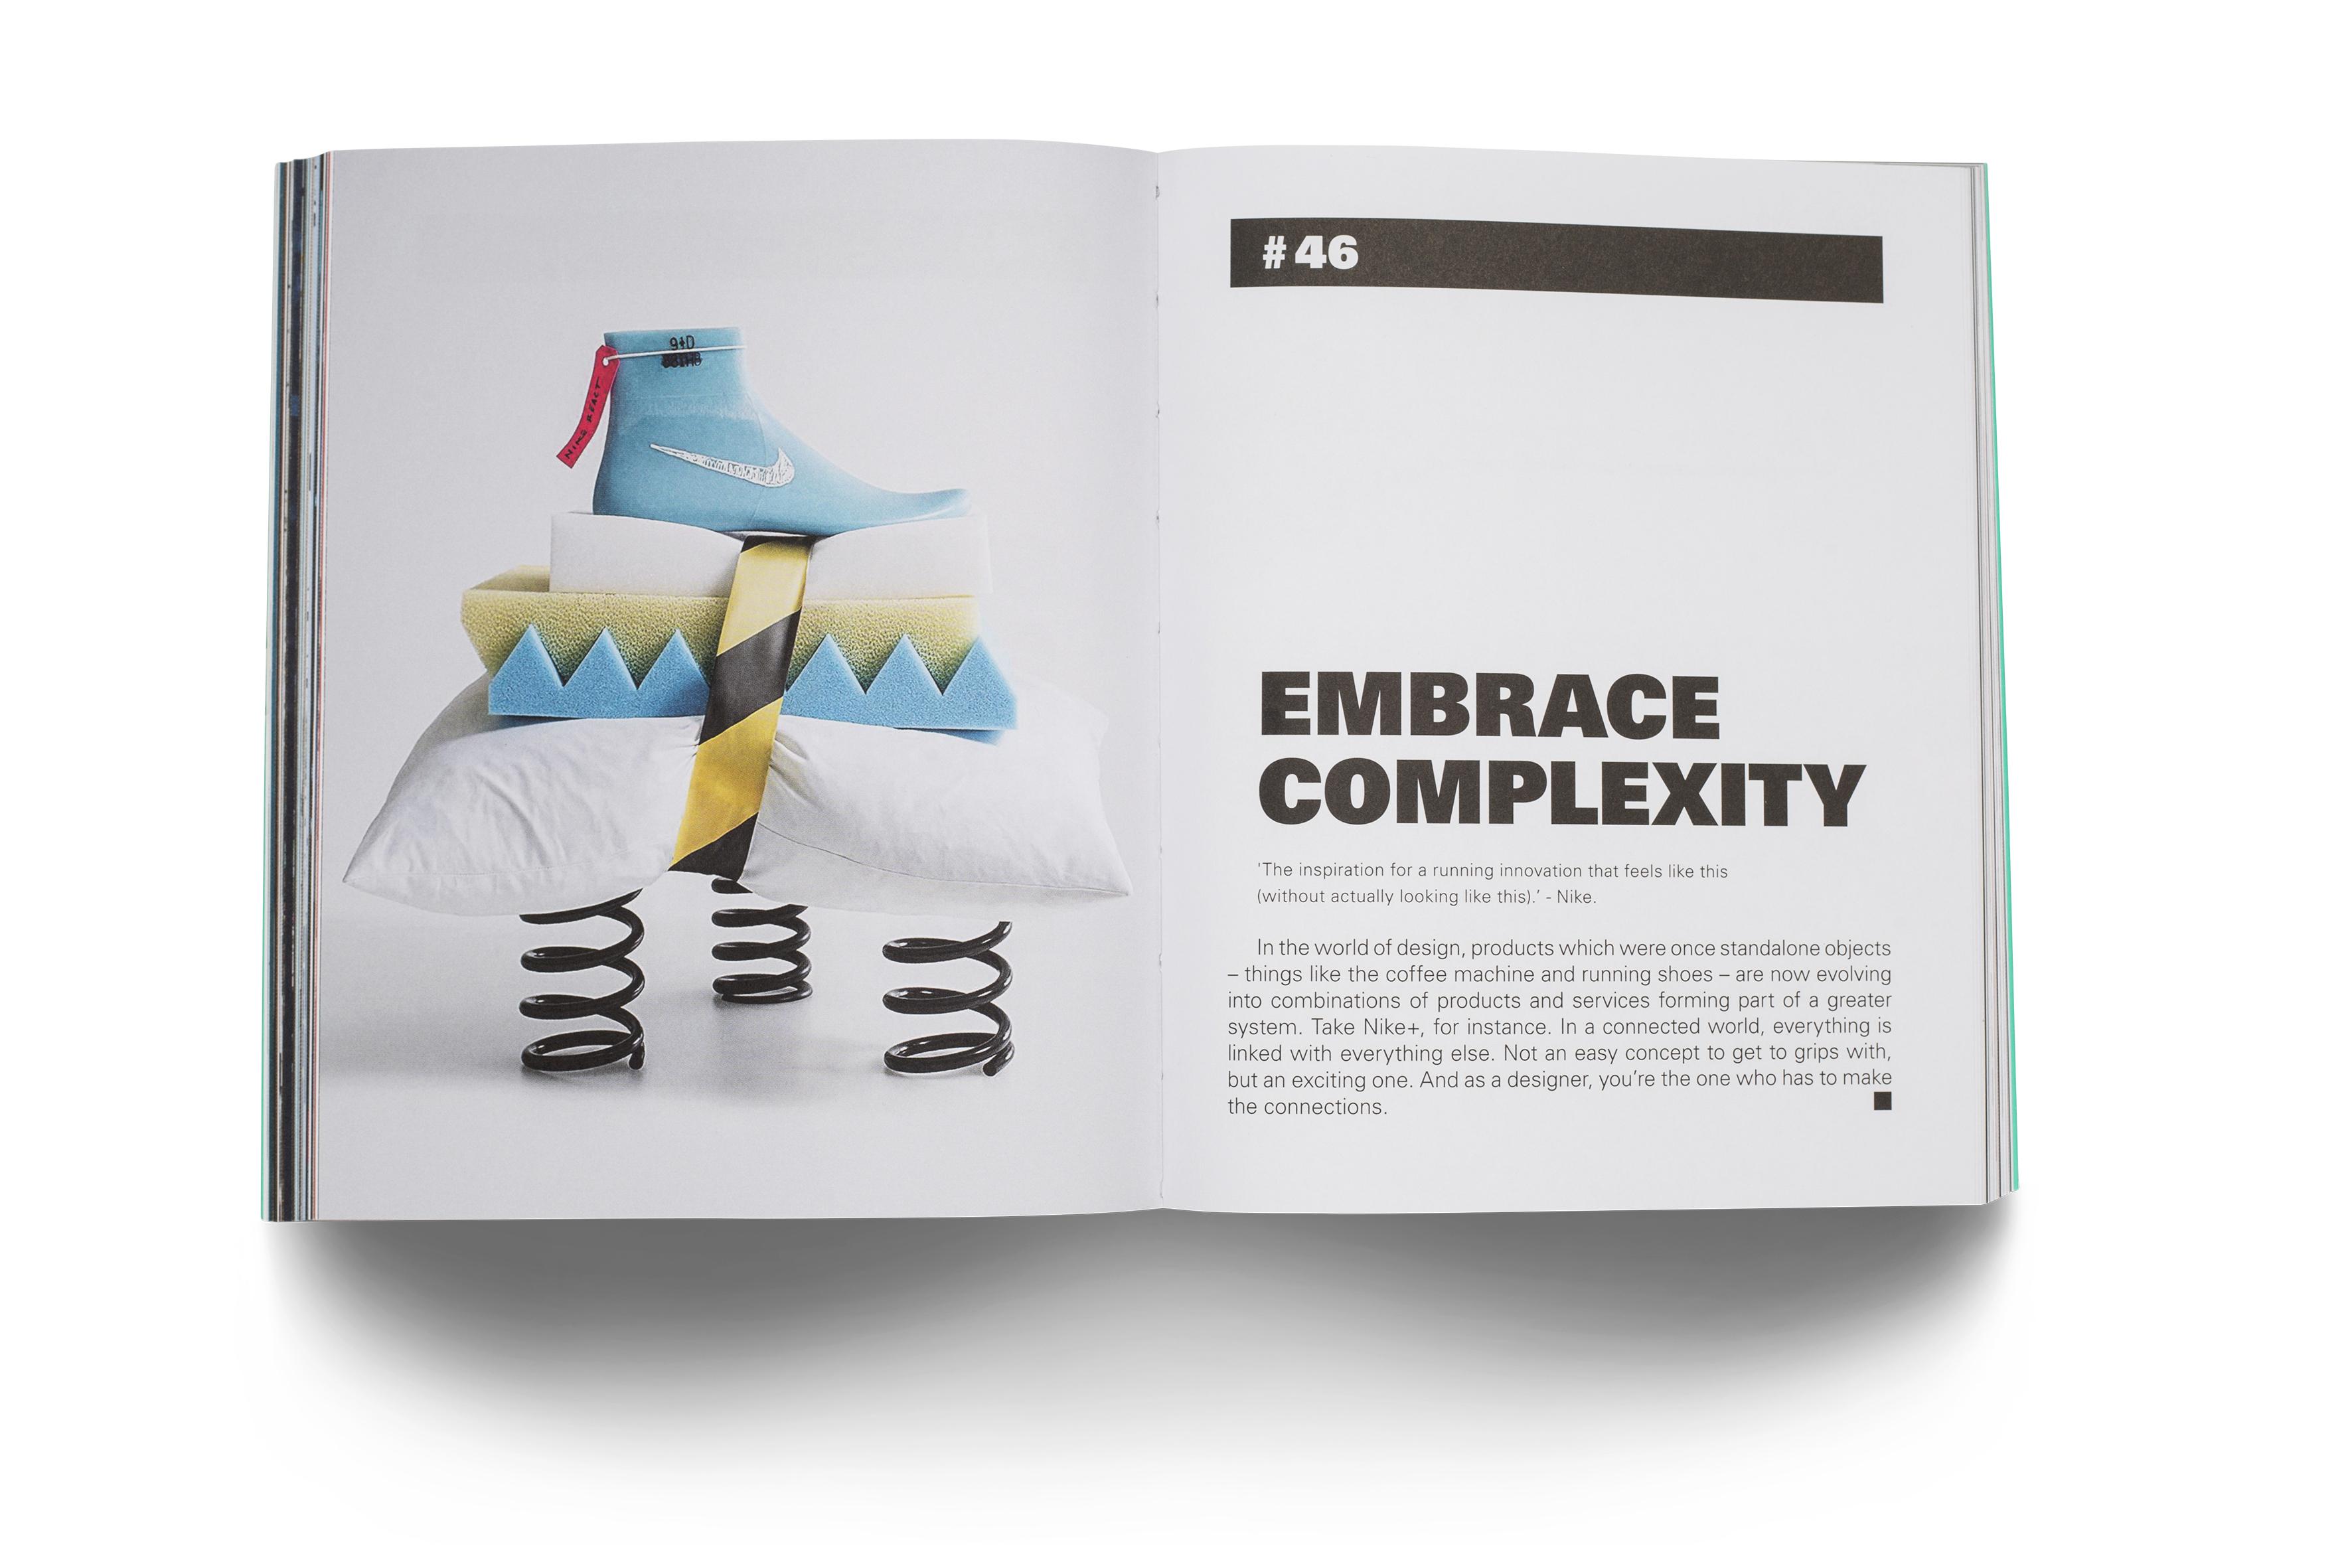 EN-Think-Like-A-Designer-Binnenwerk-3